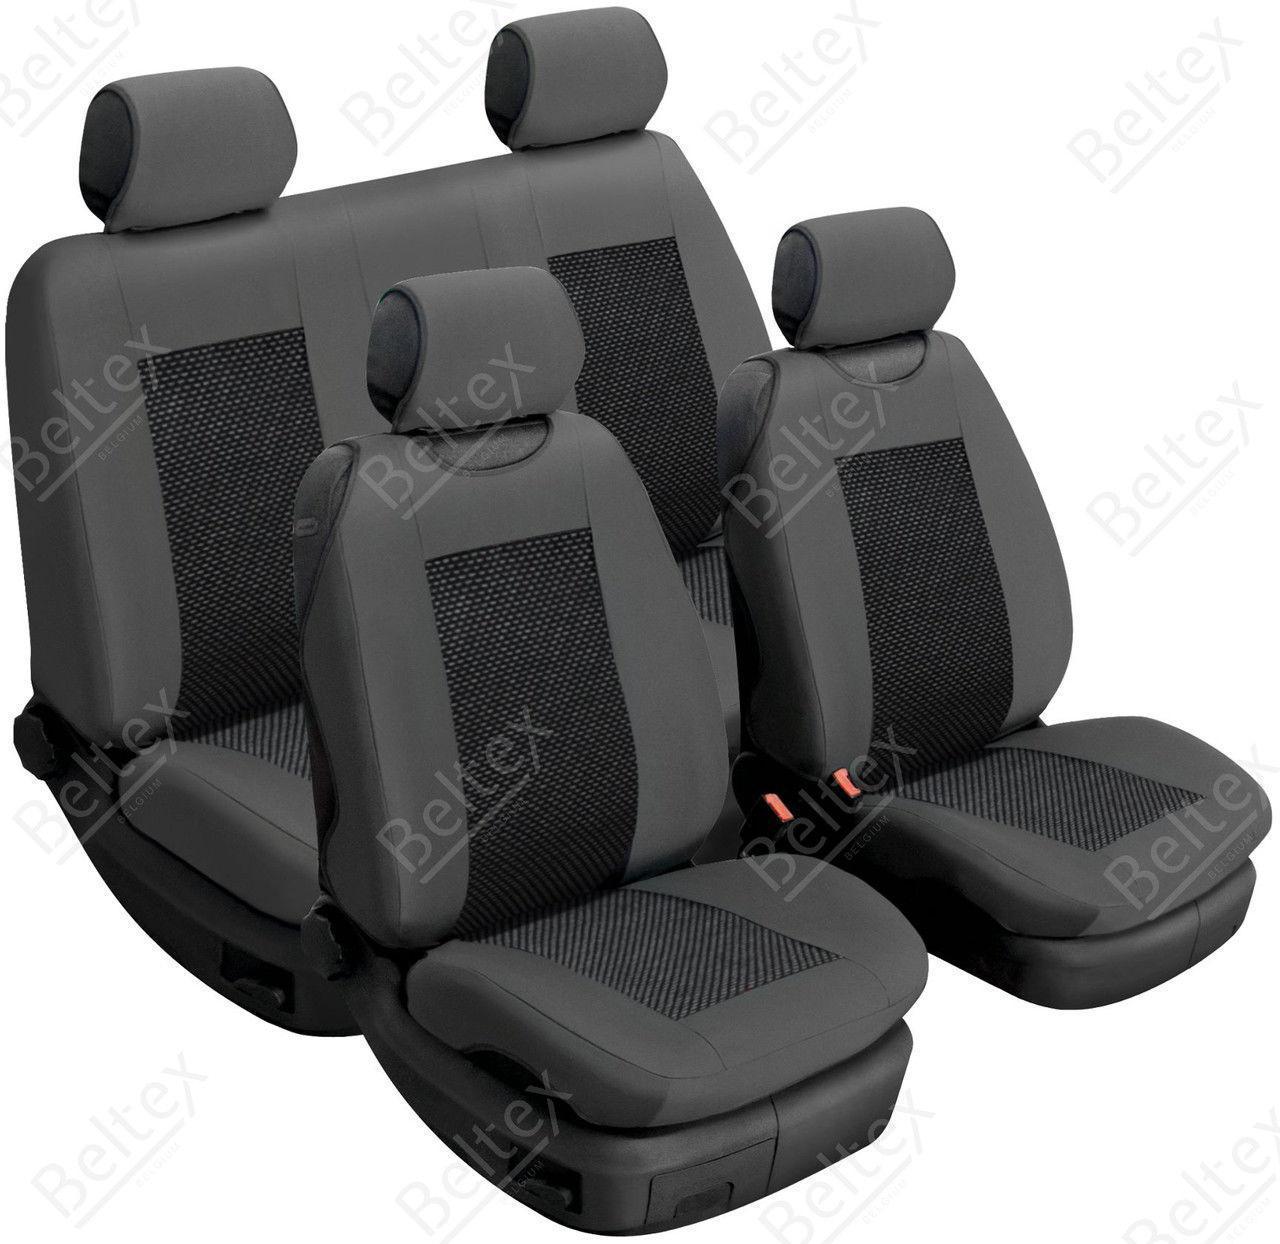 Майки/чехлы на сиденья Ниссан Х-Трейл Т30 (Nissan X-Trail T30)